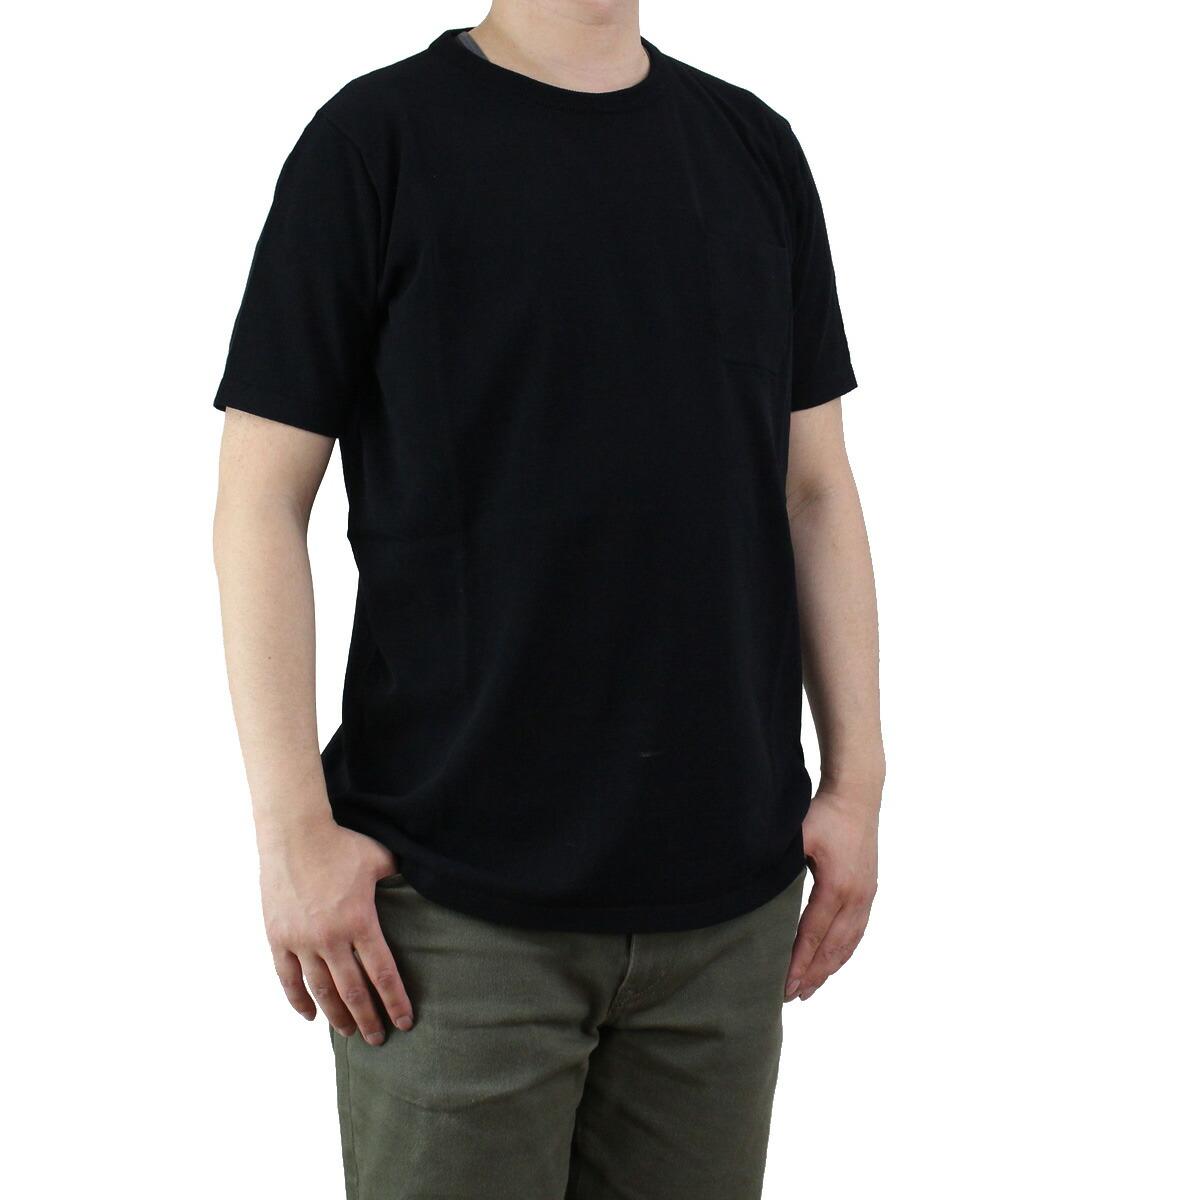 バーク Bark  メンズ 半袖 サマー セーター 71B6006 261 BLACK ブラック  メンズ OLS-4